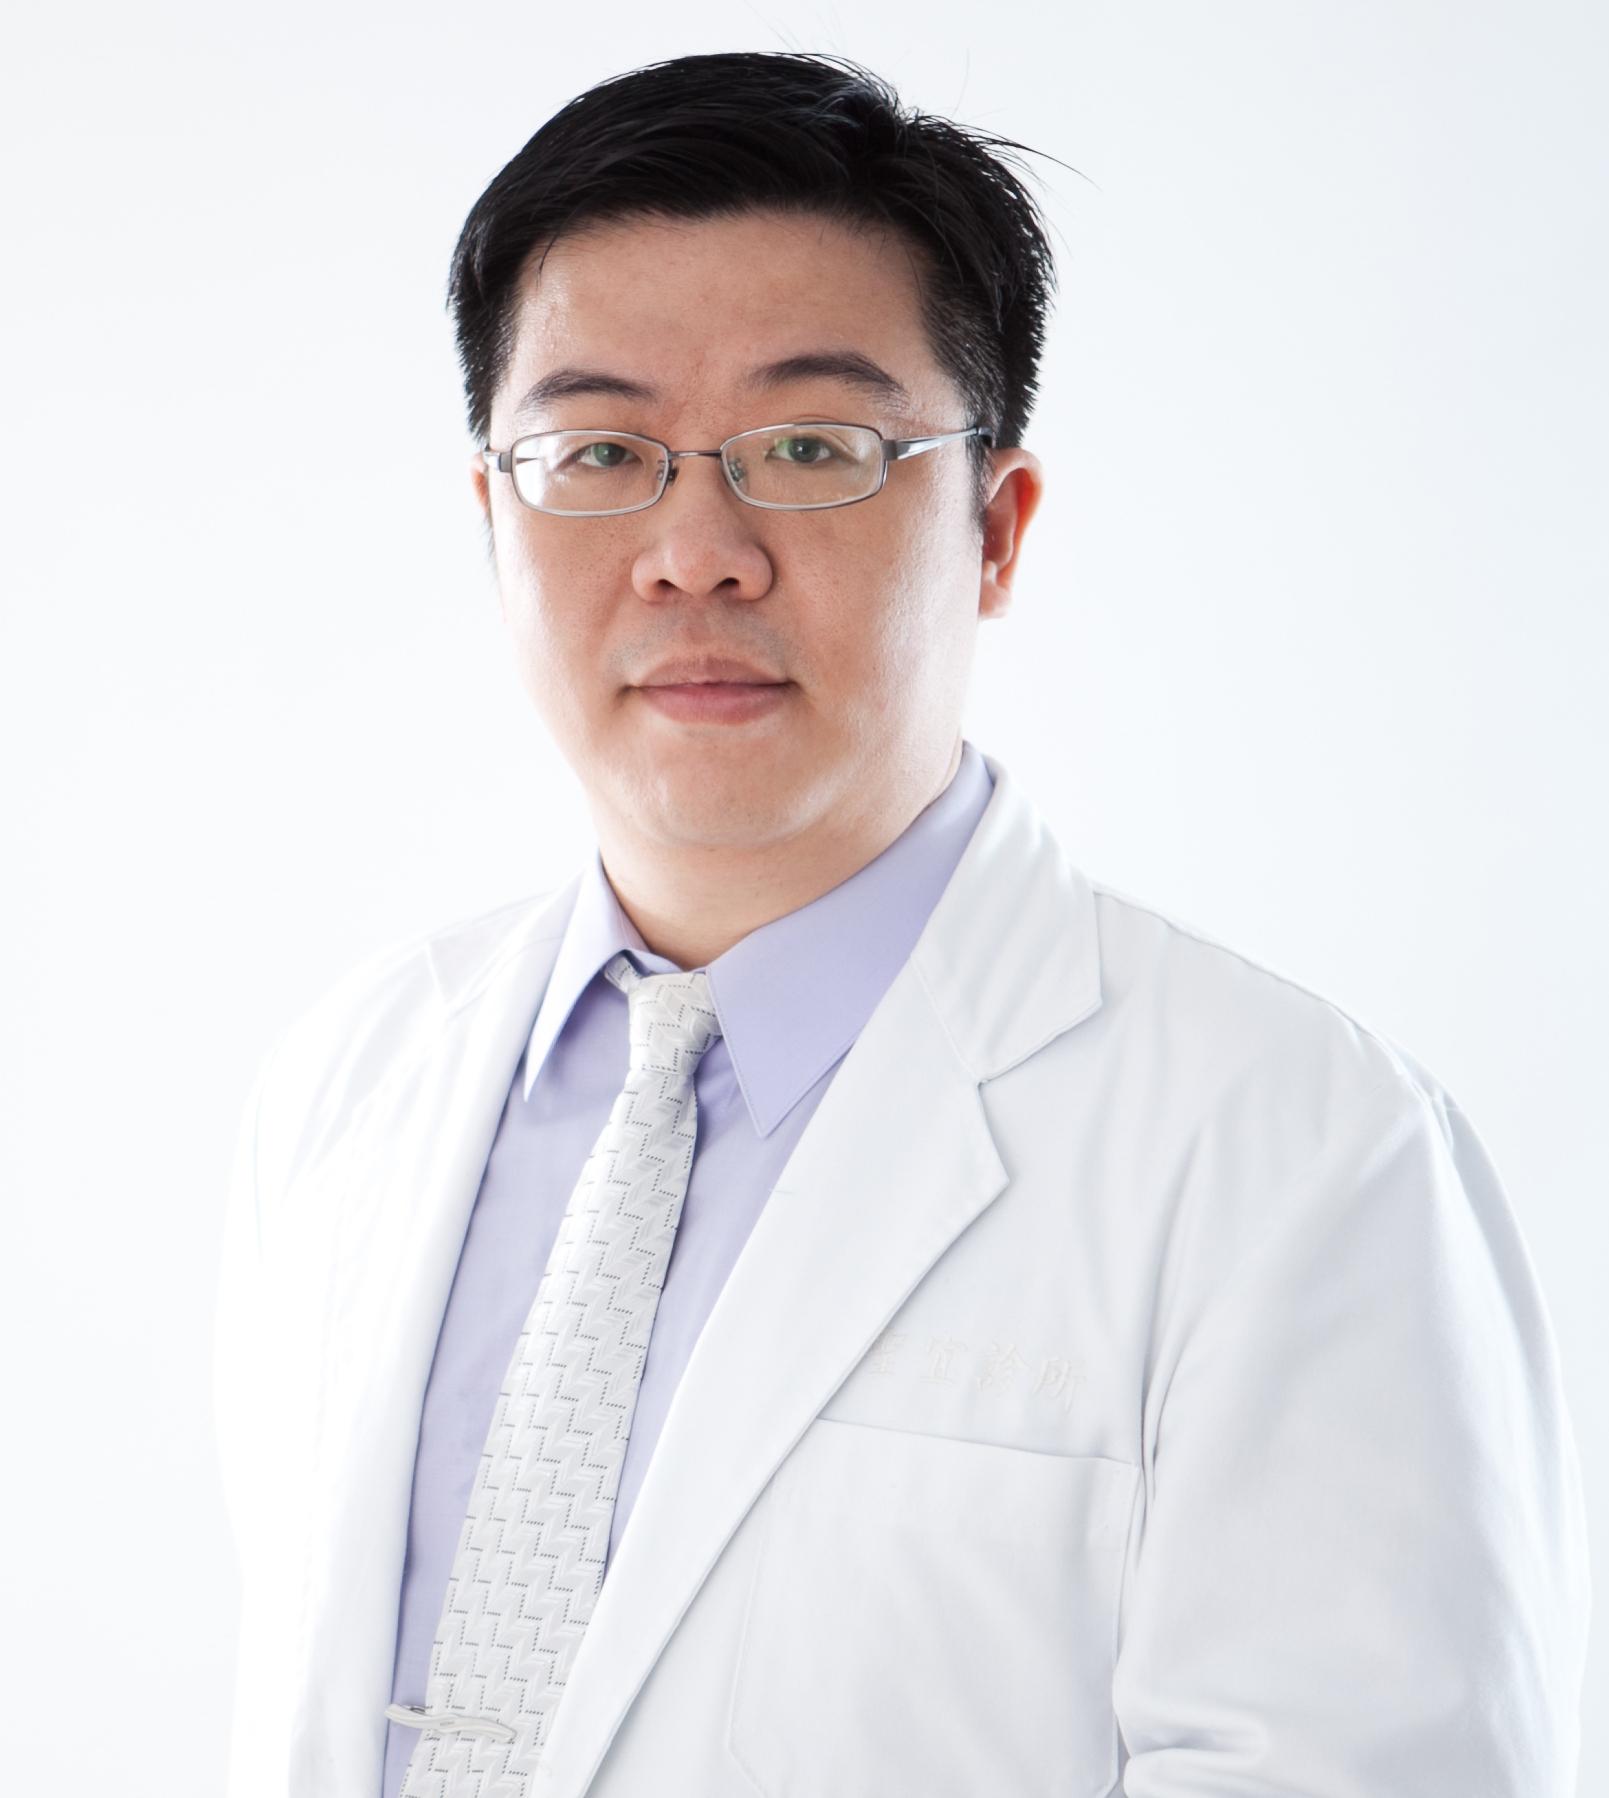 台北隆乳|隆乳推薦|隆乳醫生|隆乳口碑|隆乳權威 - 林敬鈞